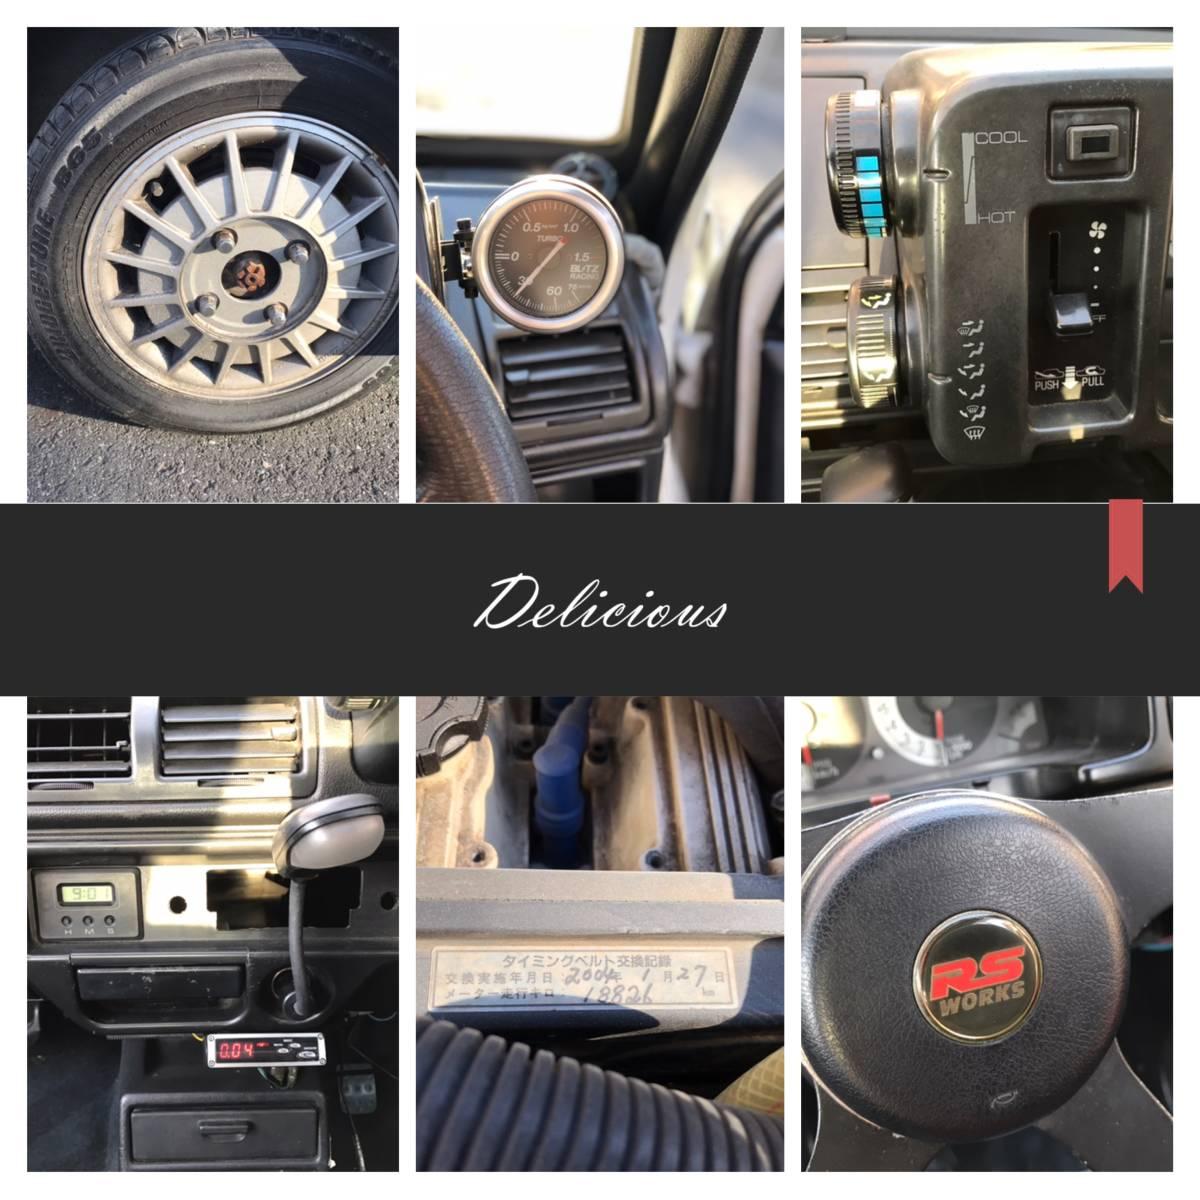 ☆旧車!62年!☆奇跡☆RS-R!DOHC-ICターボ!4WD!5速!オリジナル健在!二度と会えないシリーズ!CC72V!_画像8